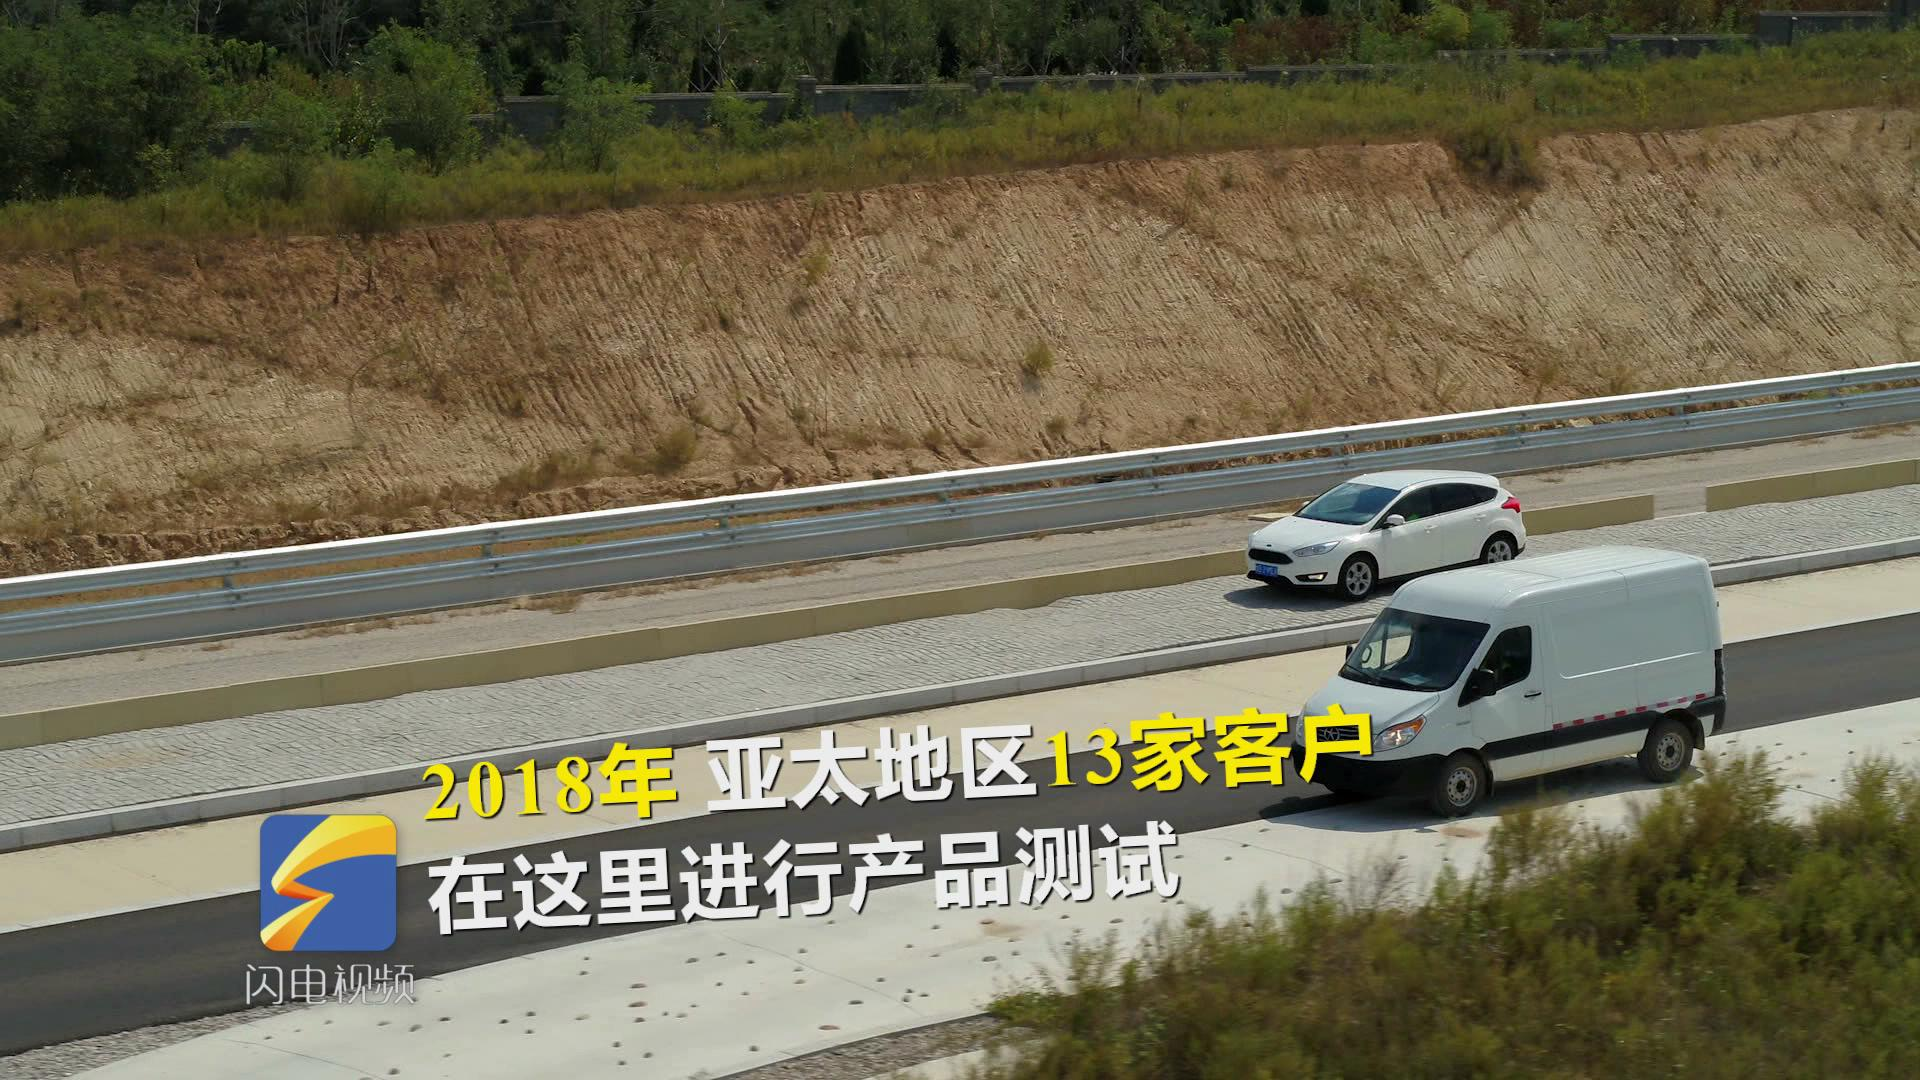 68秒 堪比F1赛道的轮胎试验场 助力中国轮胎行业转型升级_20190215103549.JPG